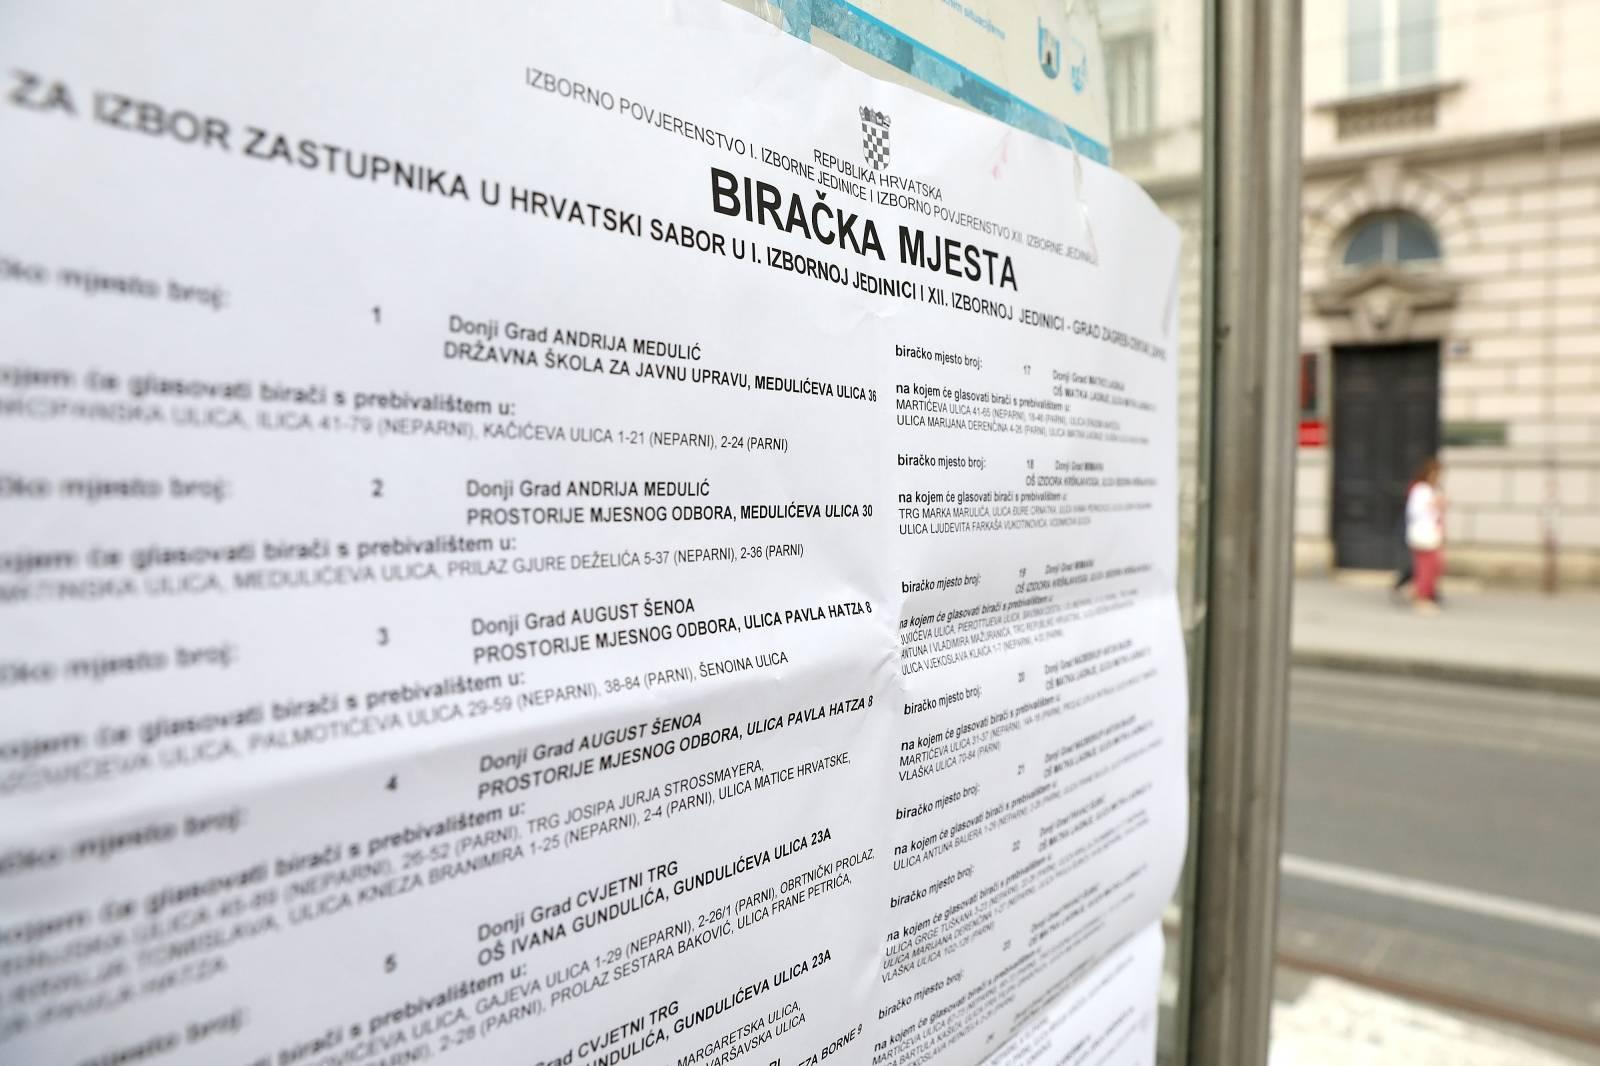 U Zagrebu su izvješeni plakati s rasporedom biračkih mjesta